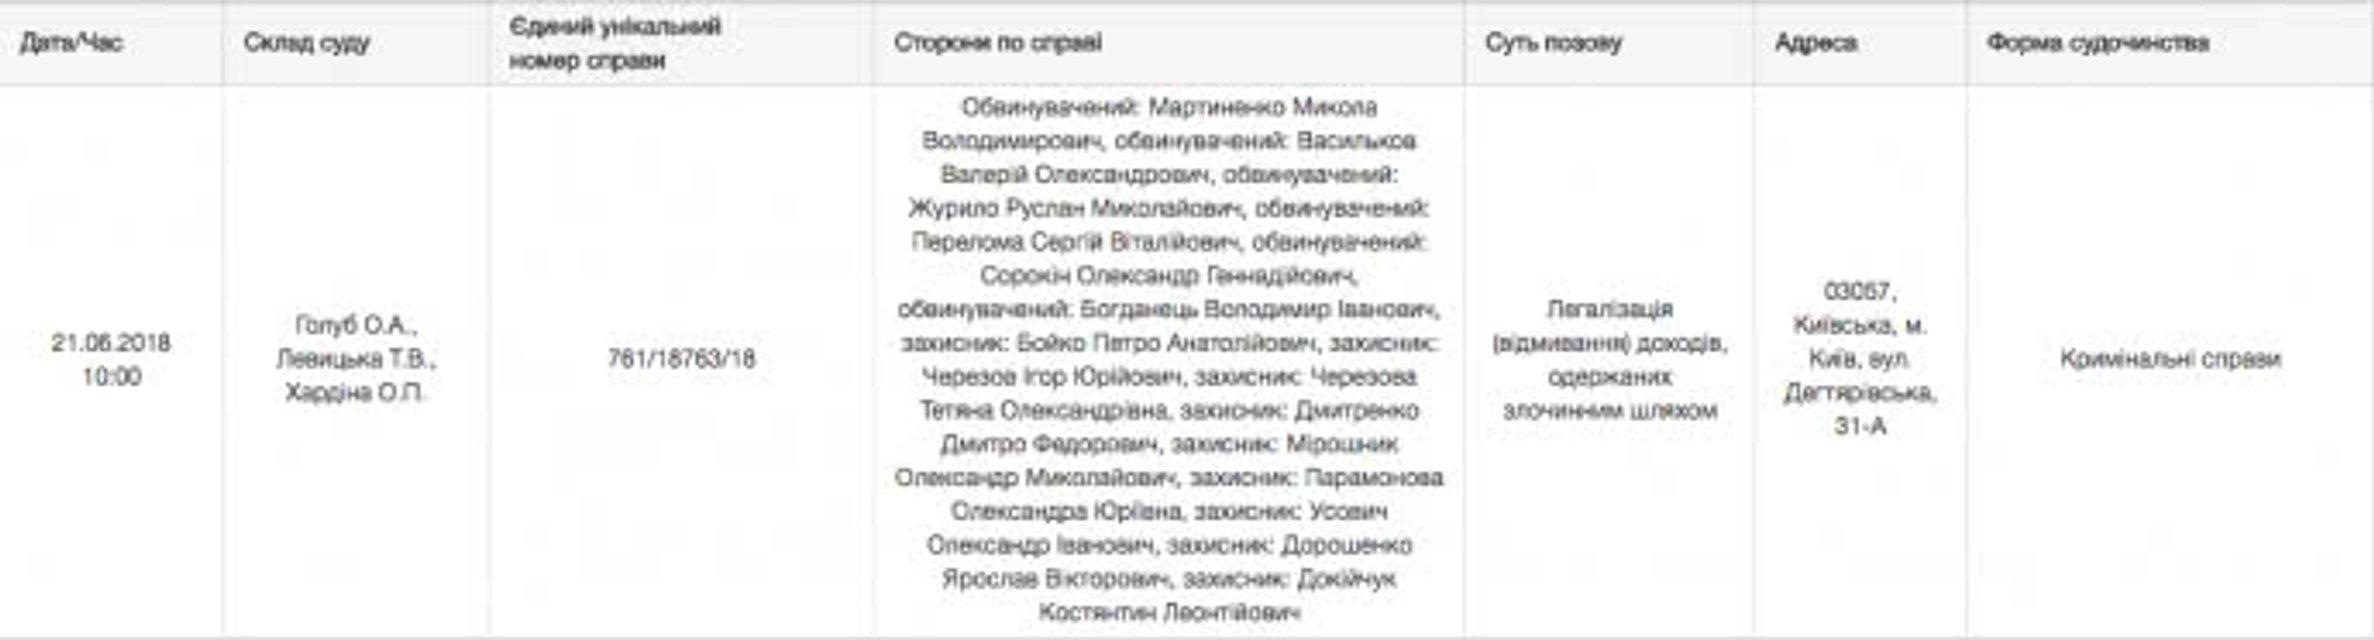 Дело Мартыненко: В Киеве суд назначил первое заседание - фото 127924